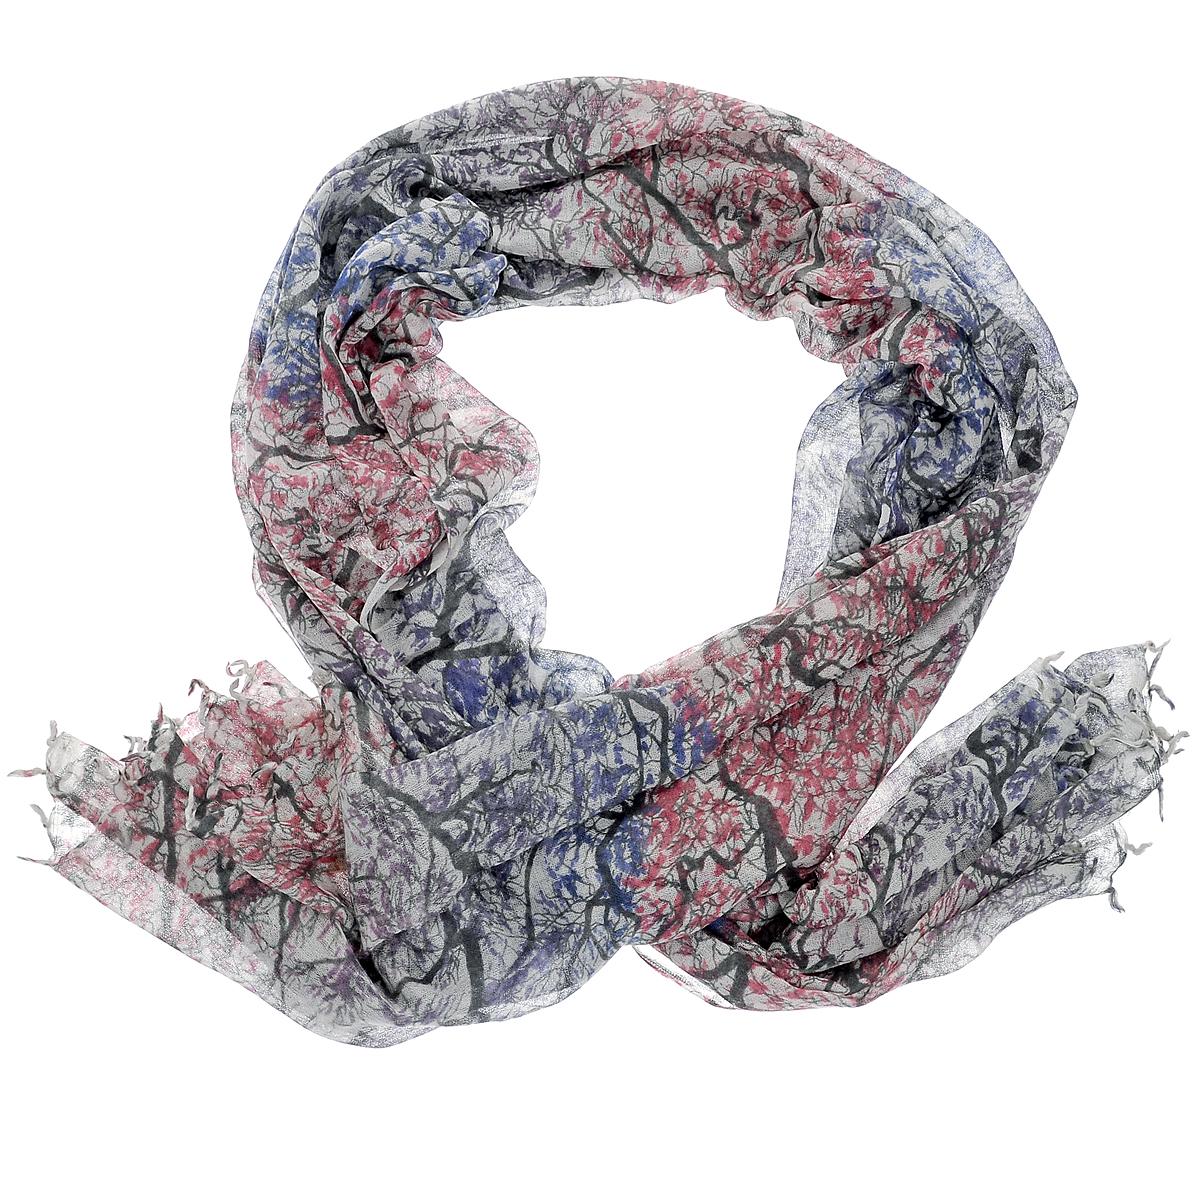 ПалантинW-TREE2/BLUEСтильный палантин Michel Katana согреет в холодное время года, а также станет изысканным аксессуаром, который призван подчеркнуть вашу индивидуальность и стиль. Палантин выполнен из шерсти и декорирован принтом с изображением деревьев. По краям изделие оформлено кистями.